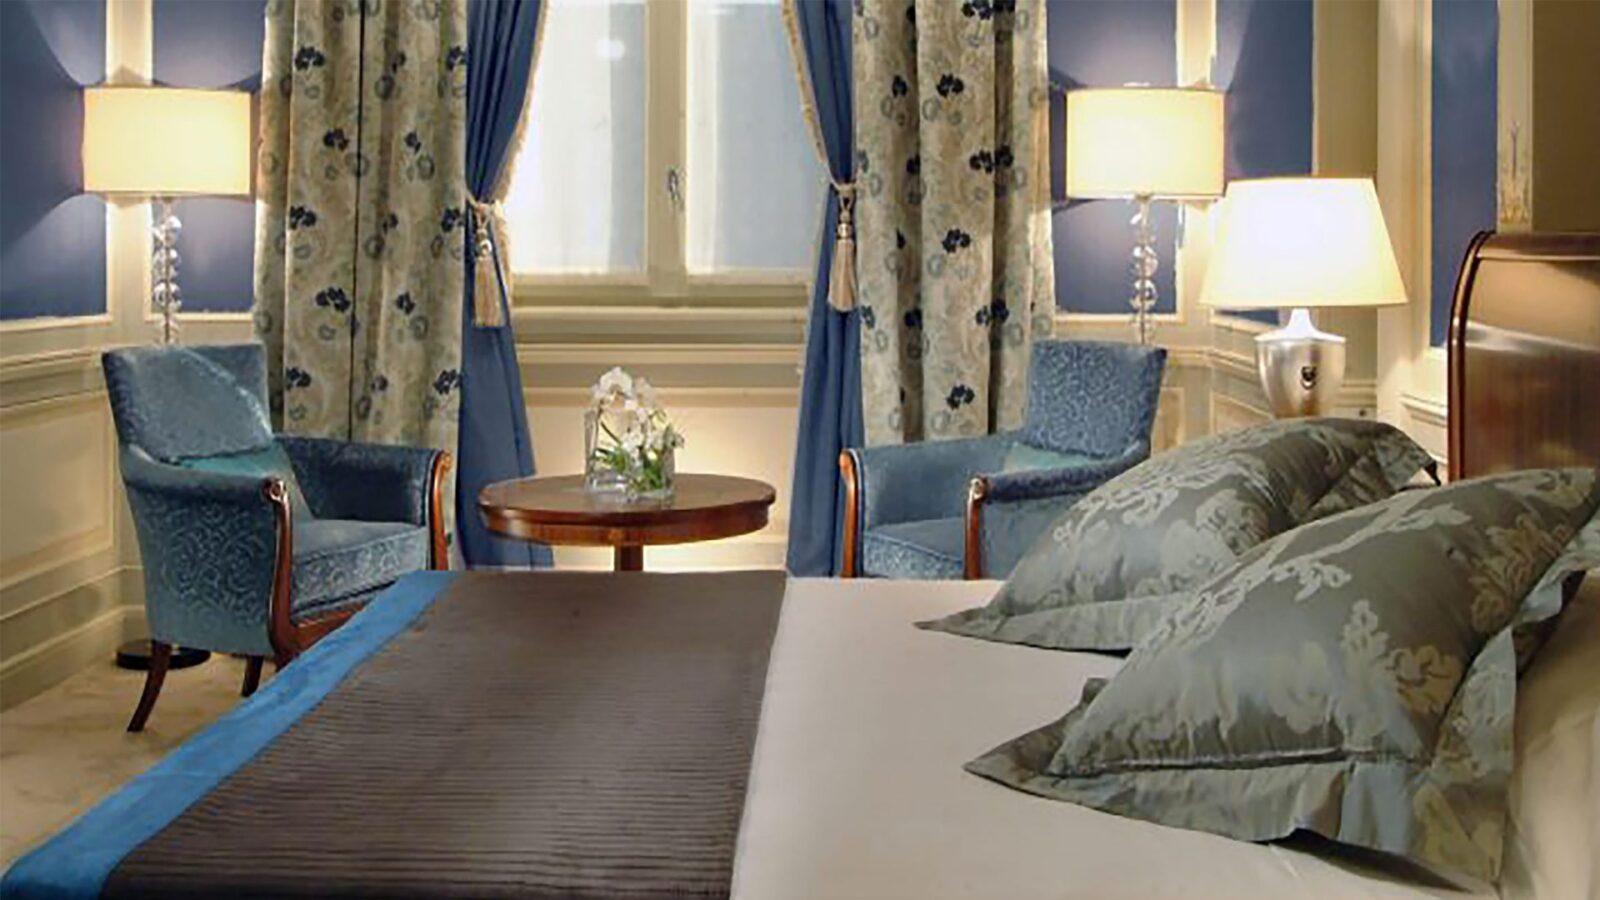 Mosaic Room at Hotel Principe di Savoia